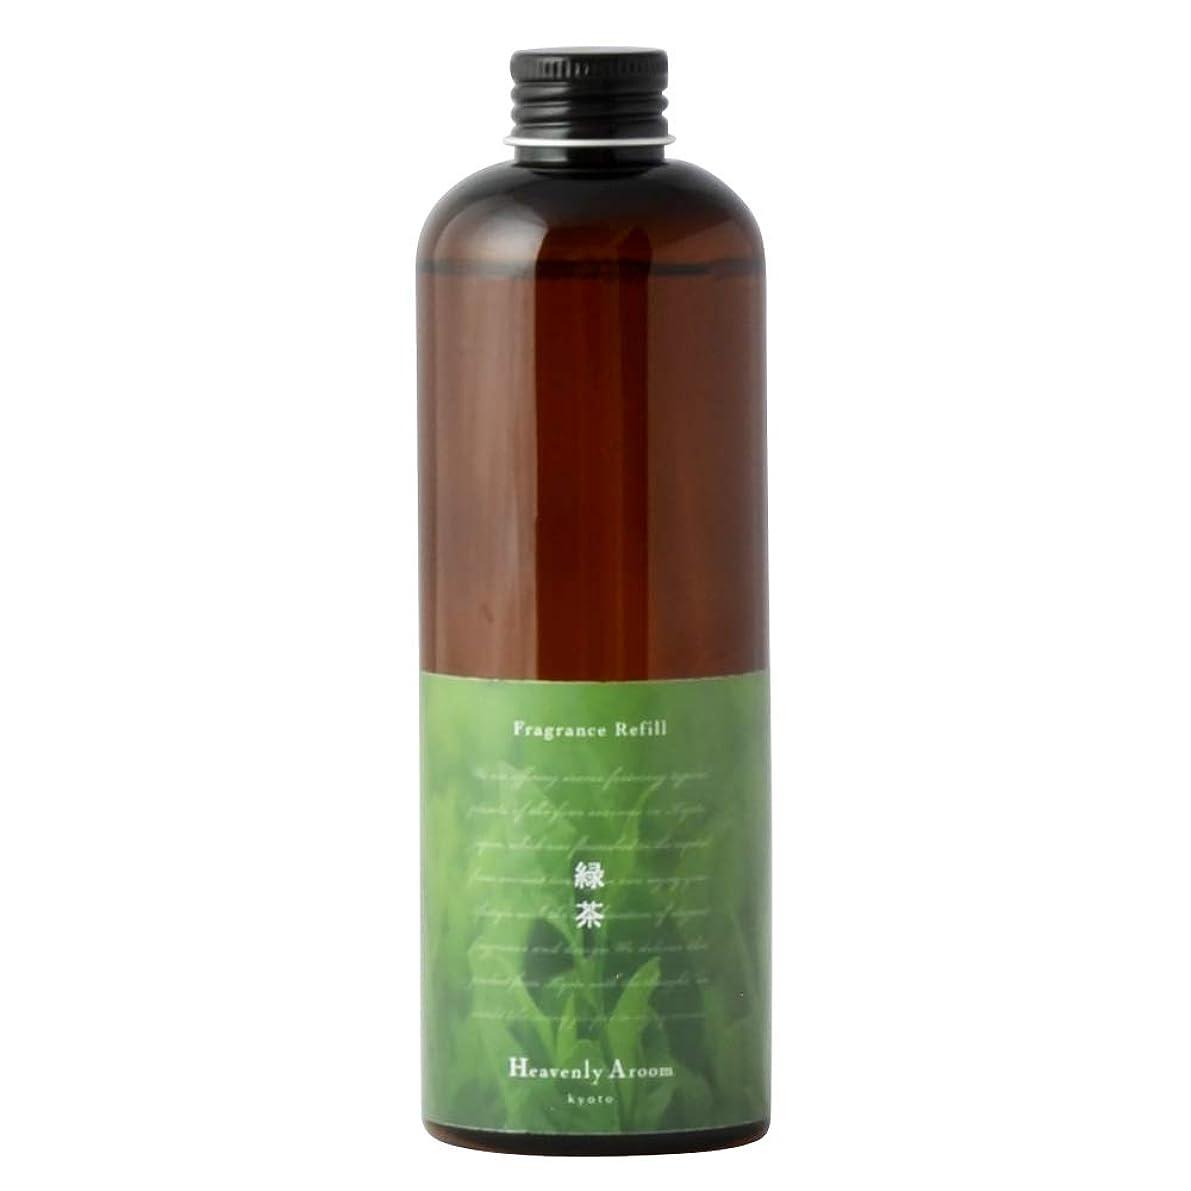 暗記する符号好きHeavenly Aroomフレグランスリフィル 緑茶 300ml